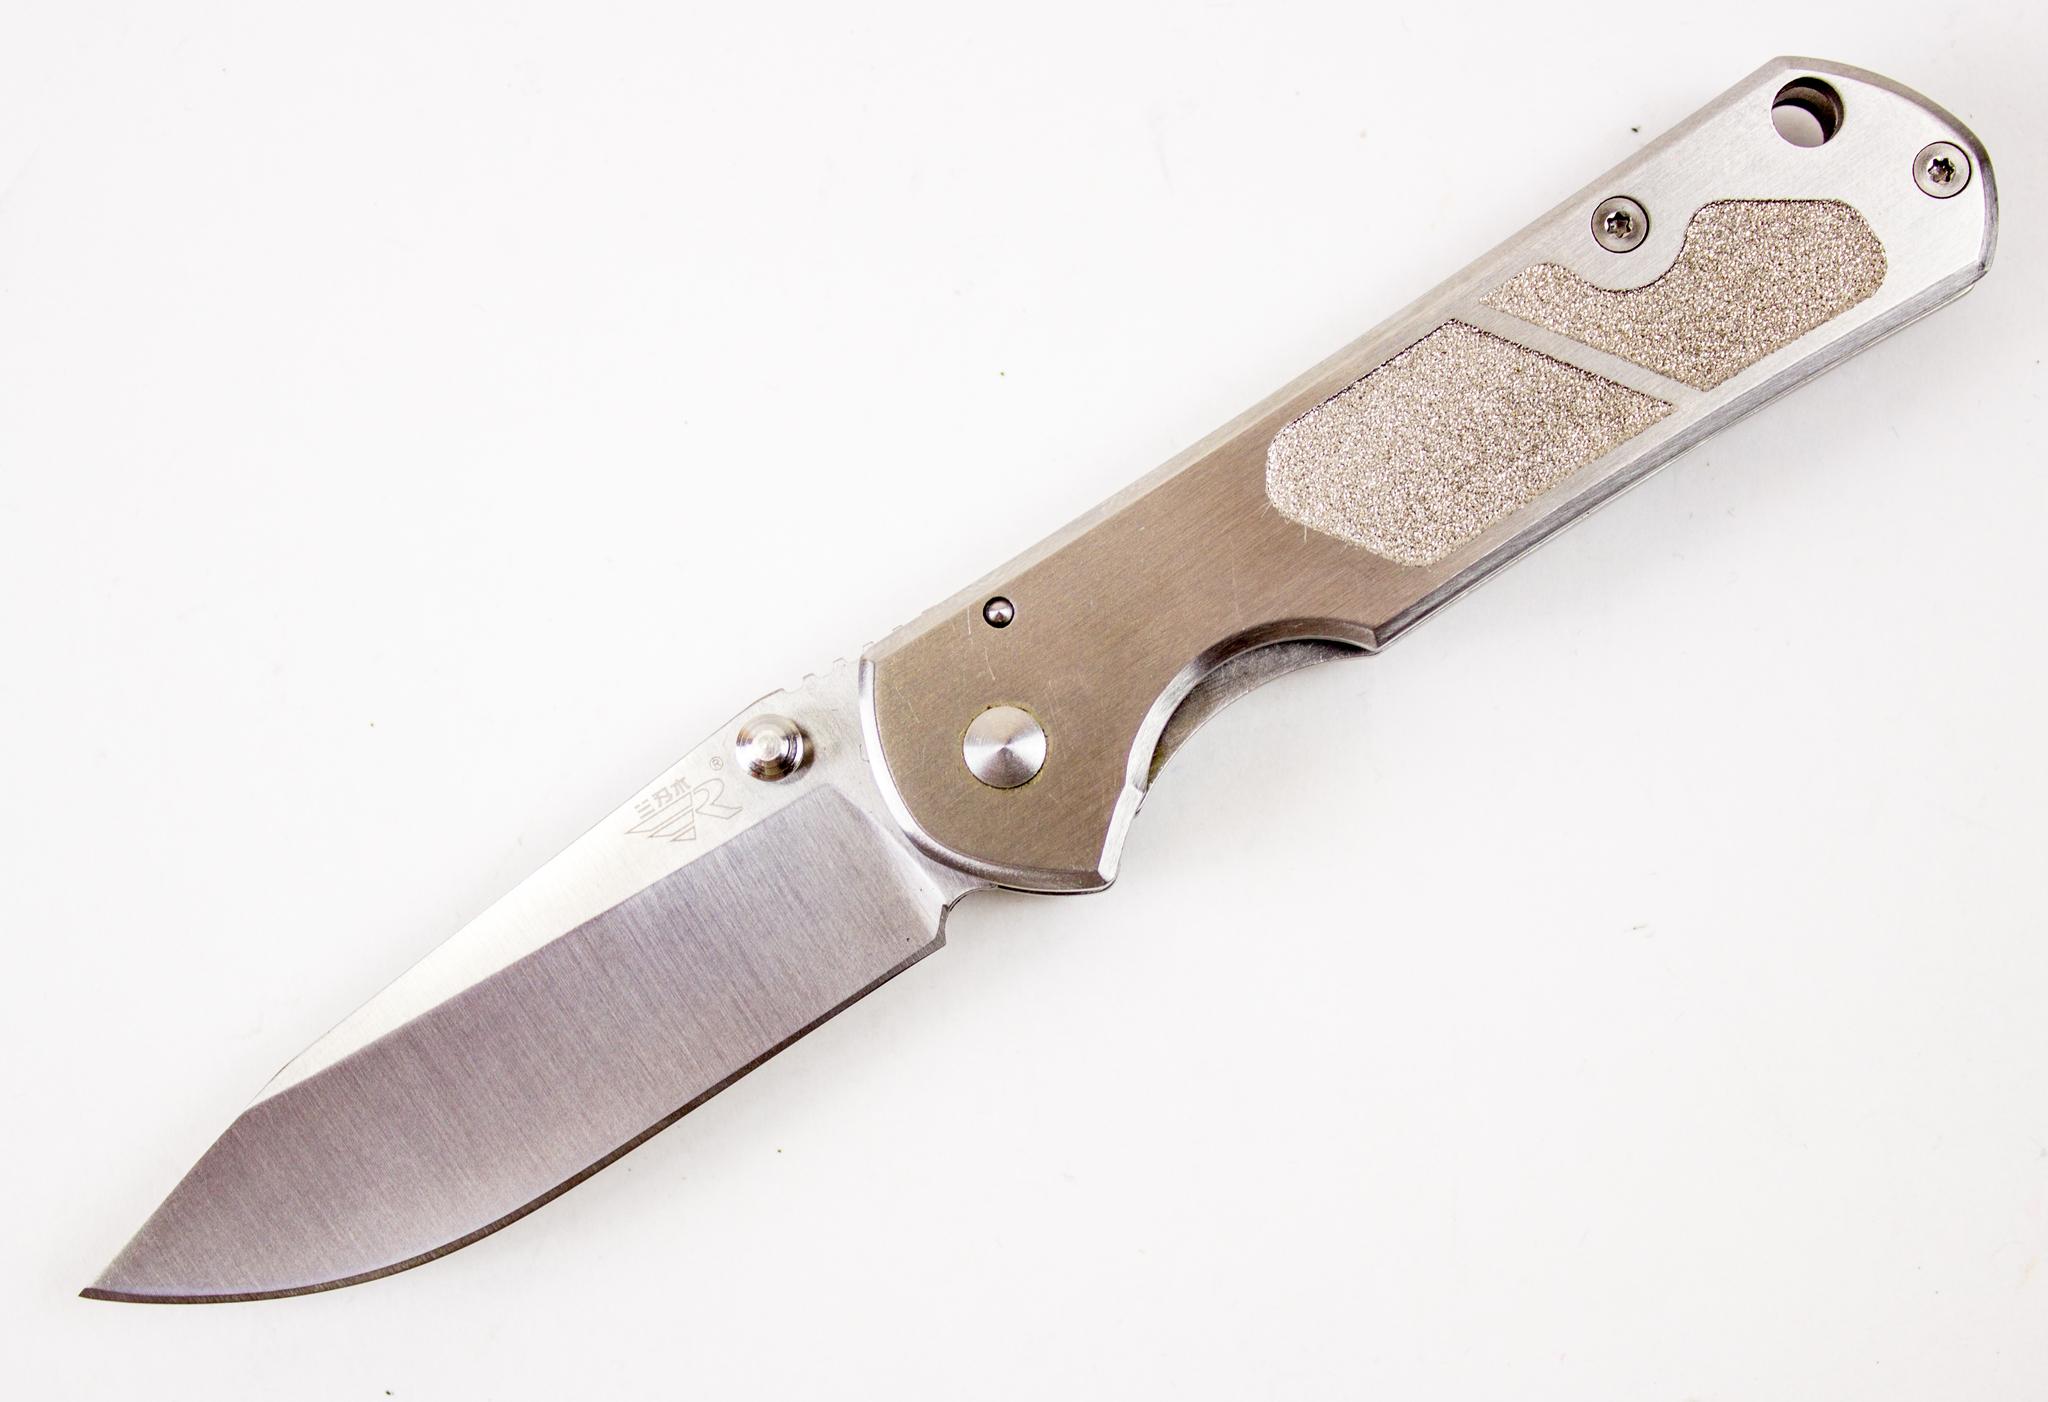 Нож складной Sanrenmu 710Раскладные ножи<br>Нож складной 723-F2 Sanrenmu SRM Digital Camo, (маленький)<br>Длина ножа: 164 мм Длина клинка: 68 мм Толщина клинка: 2.4 мм Сталь: 8Cr13MoV Stainless Steel Твердость: 57-58HRC Рукоятка: сталь, покрытие Digital Camo Замок: Frame Lock<br>